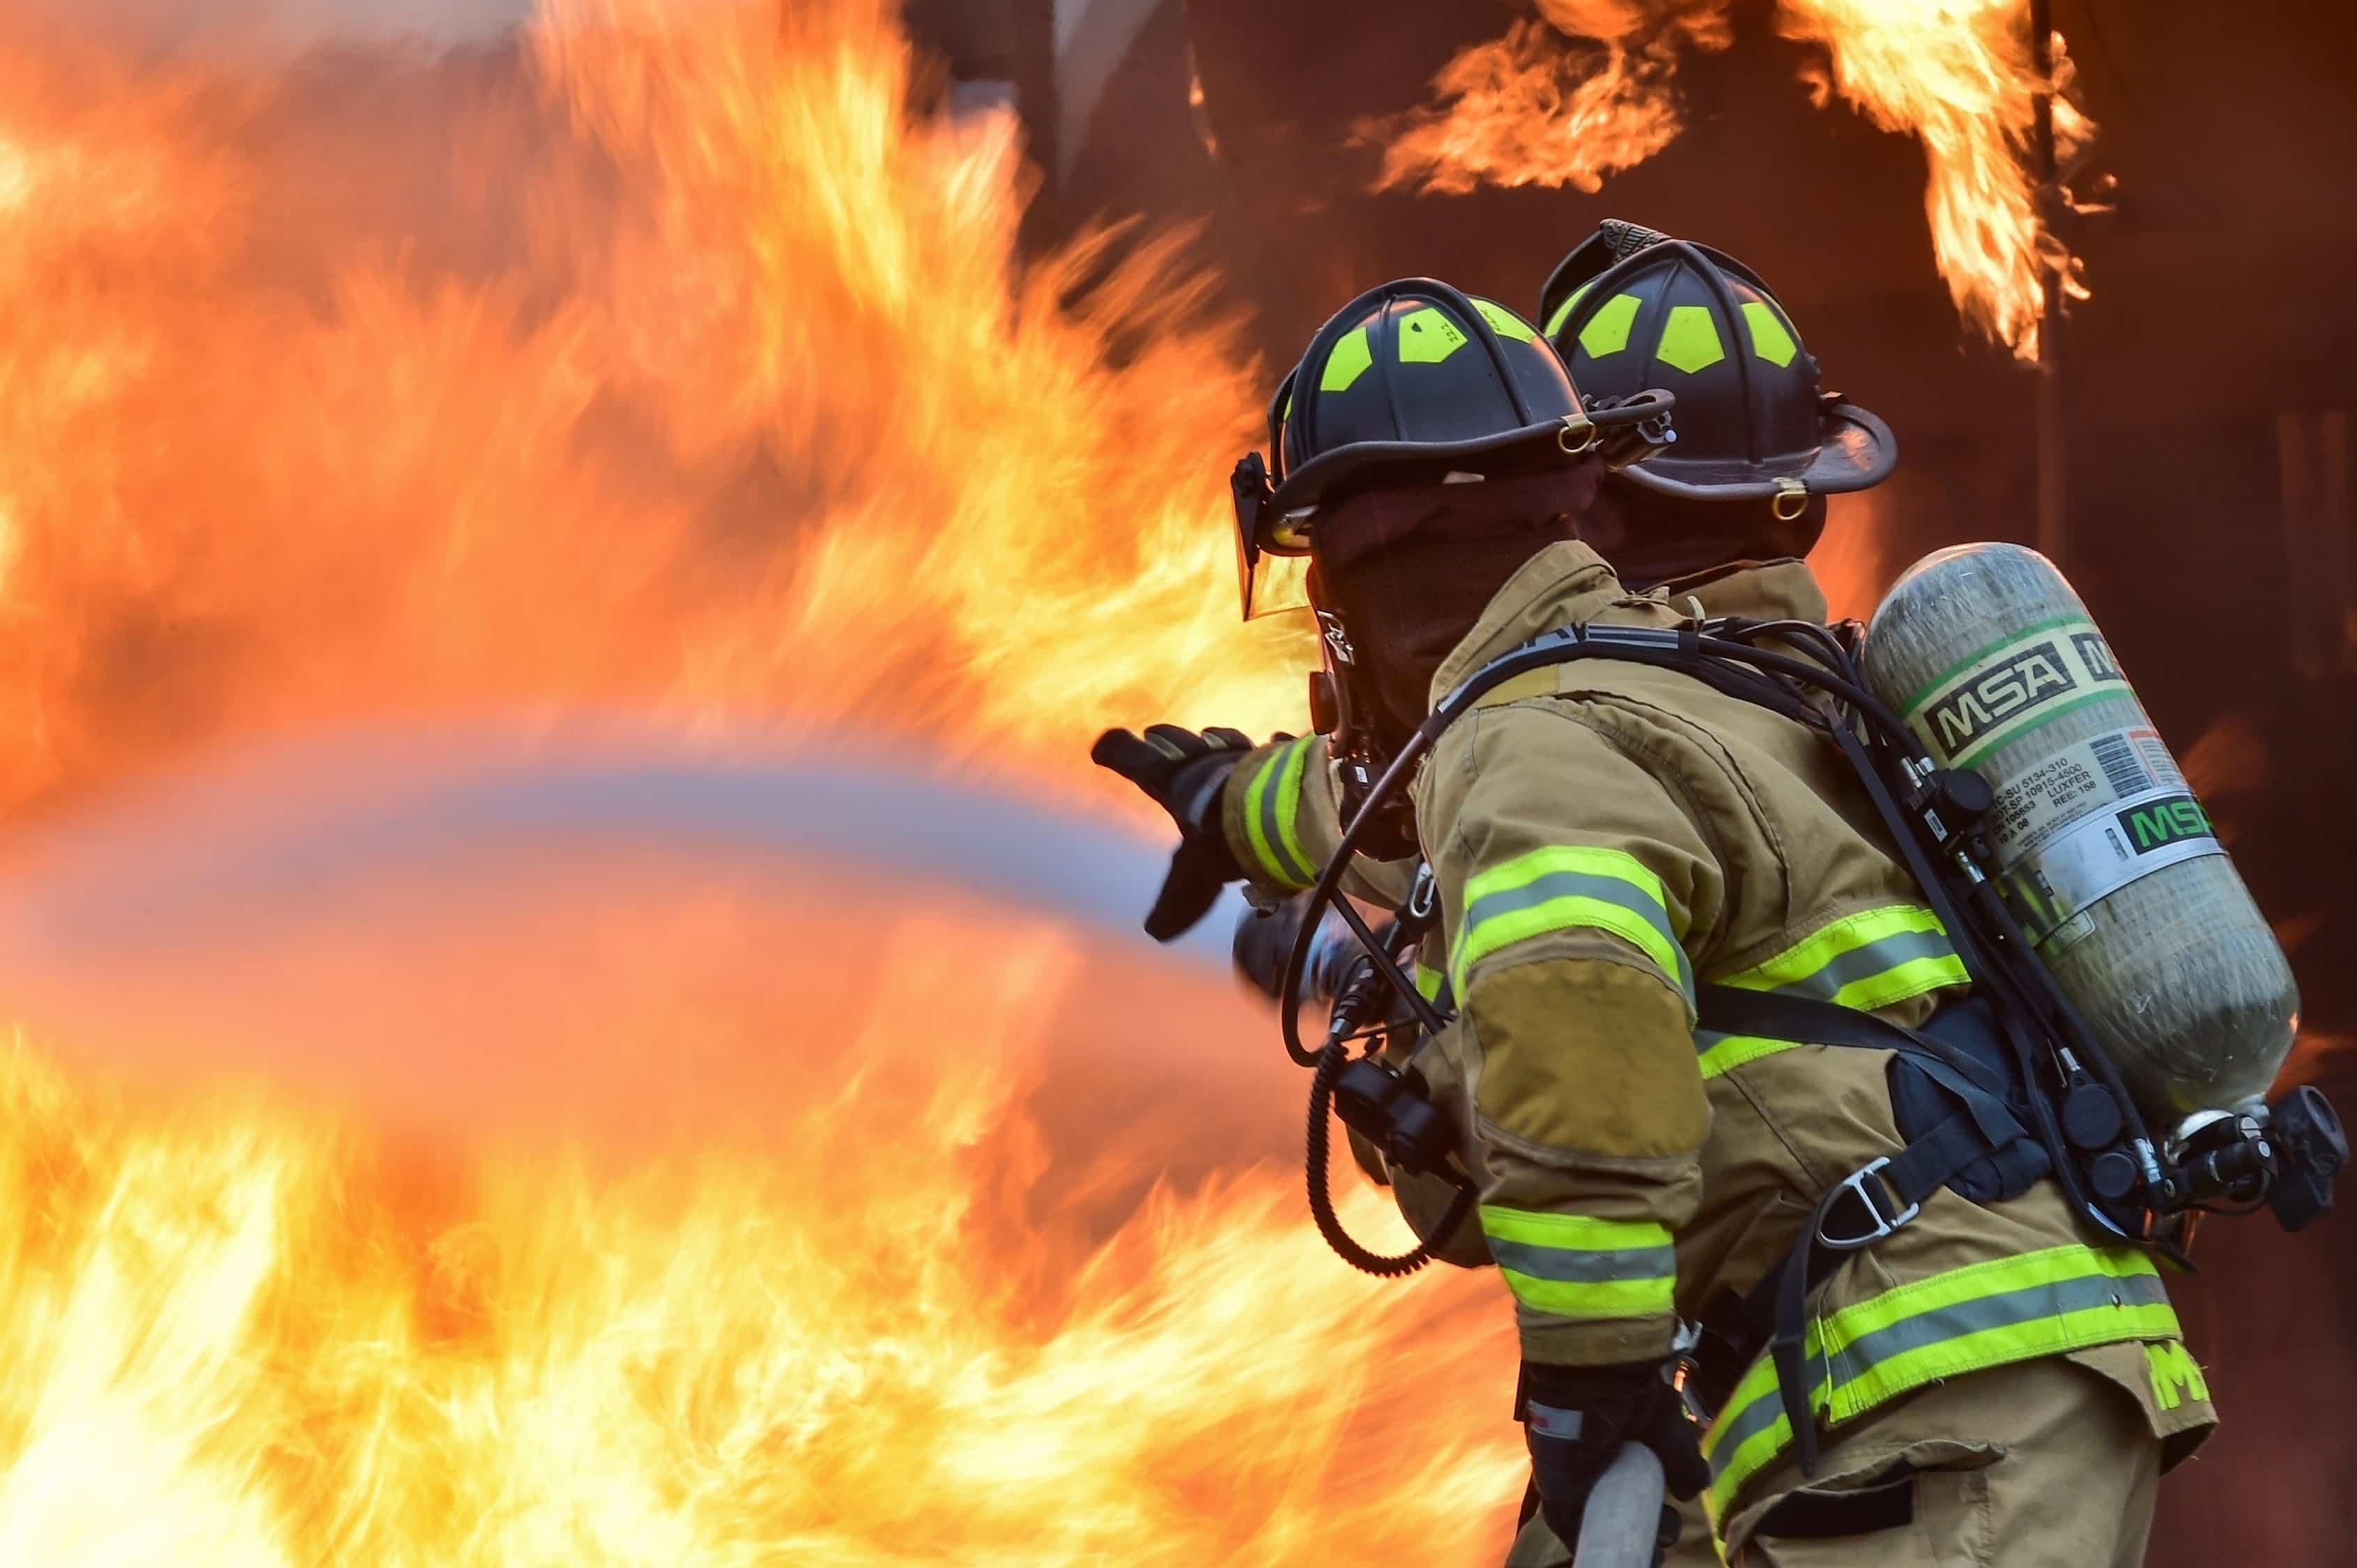 兩名消防隊員正在用水滅火